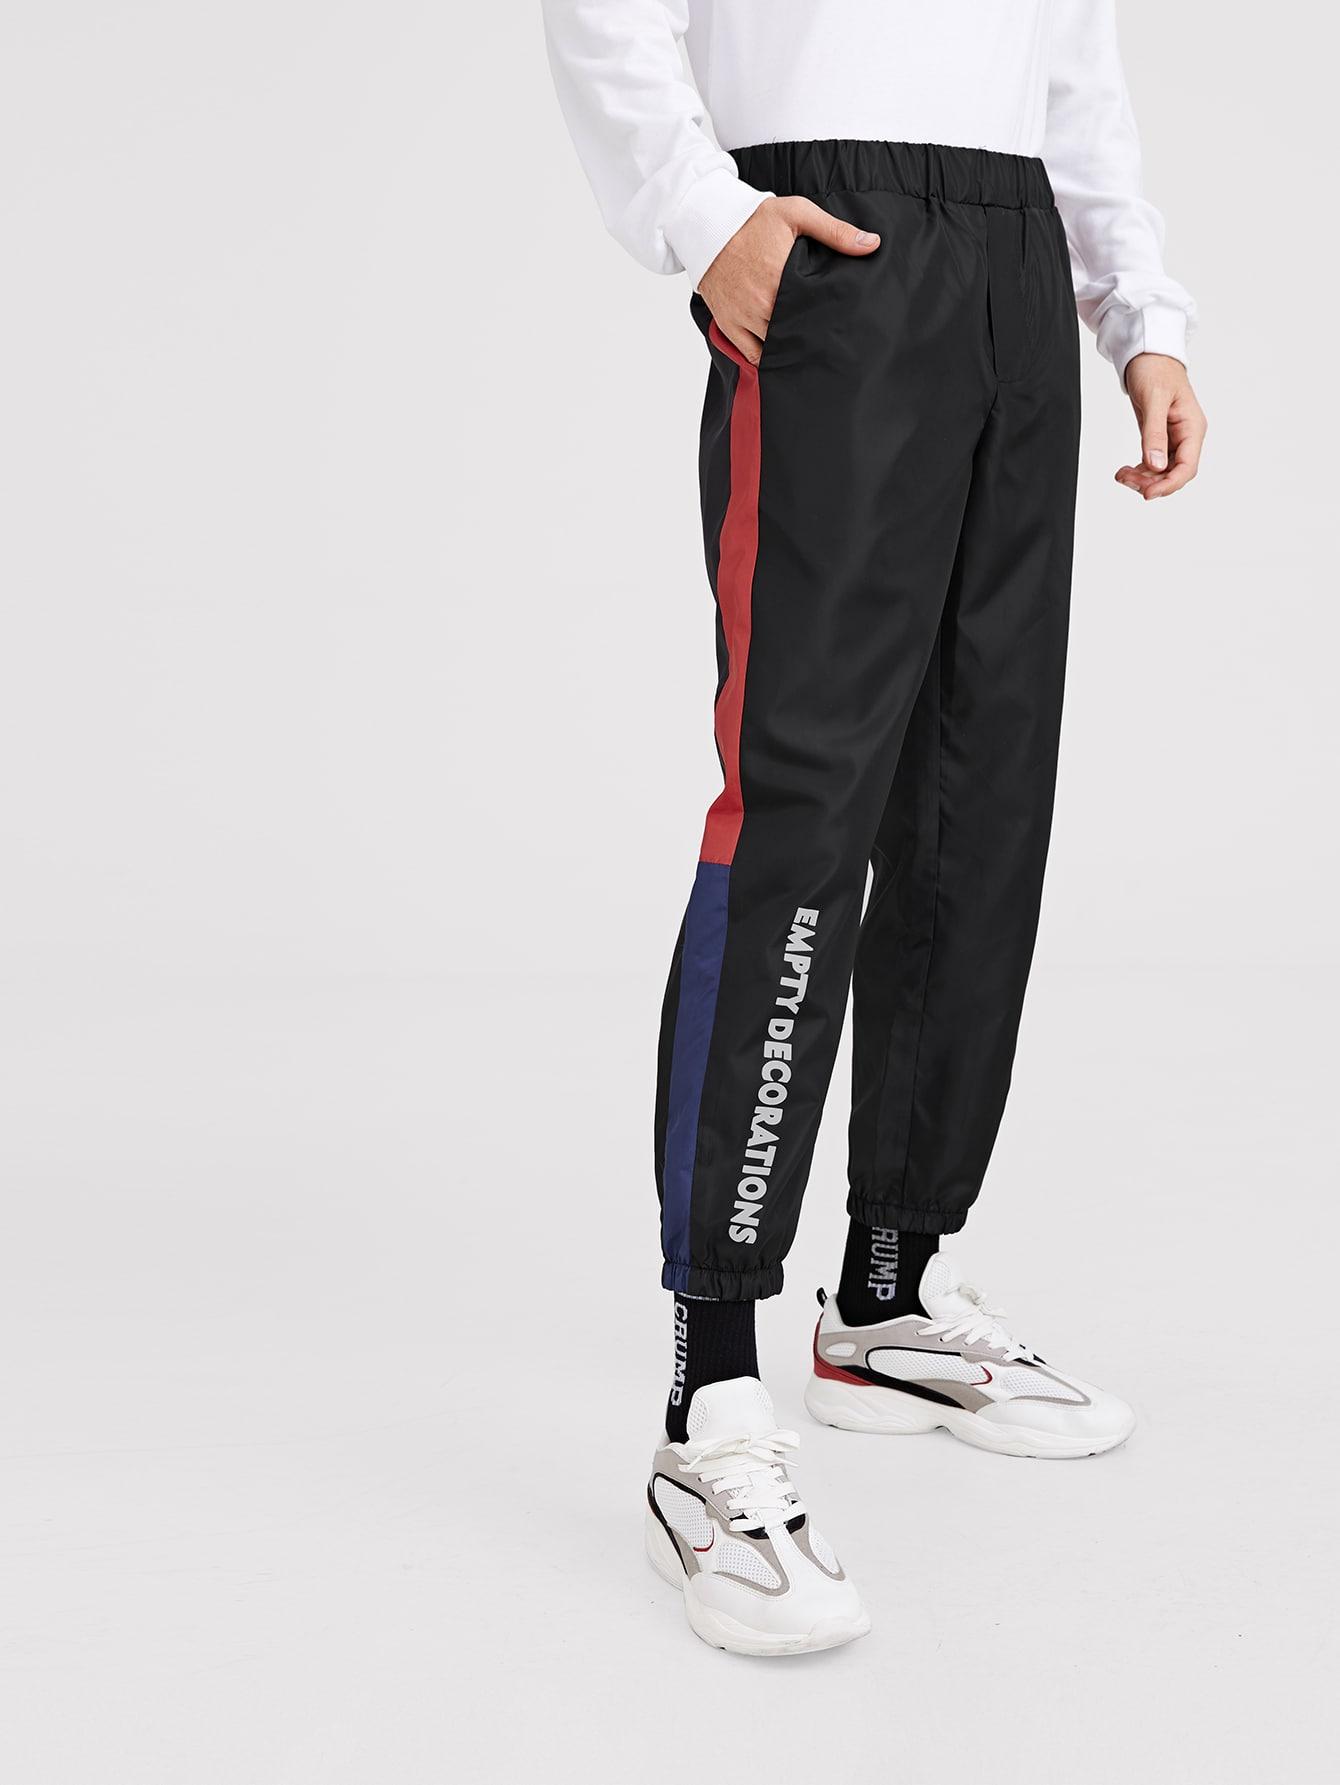 Купить Мужские контрастные брюки-галифе с текстовым принтом, Valerian, SheIn